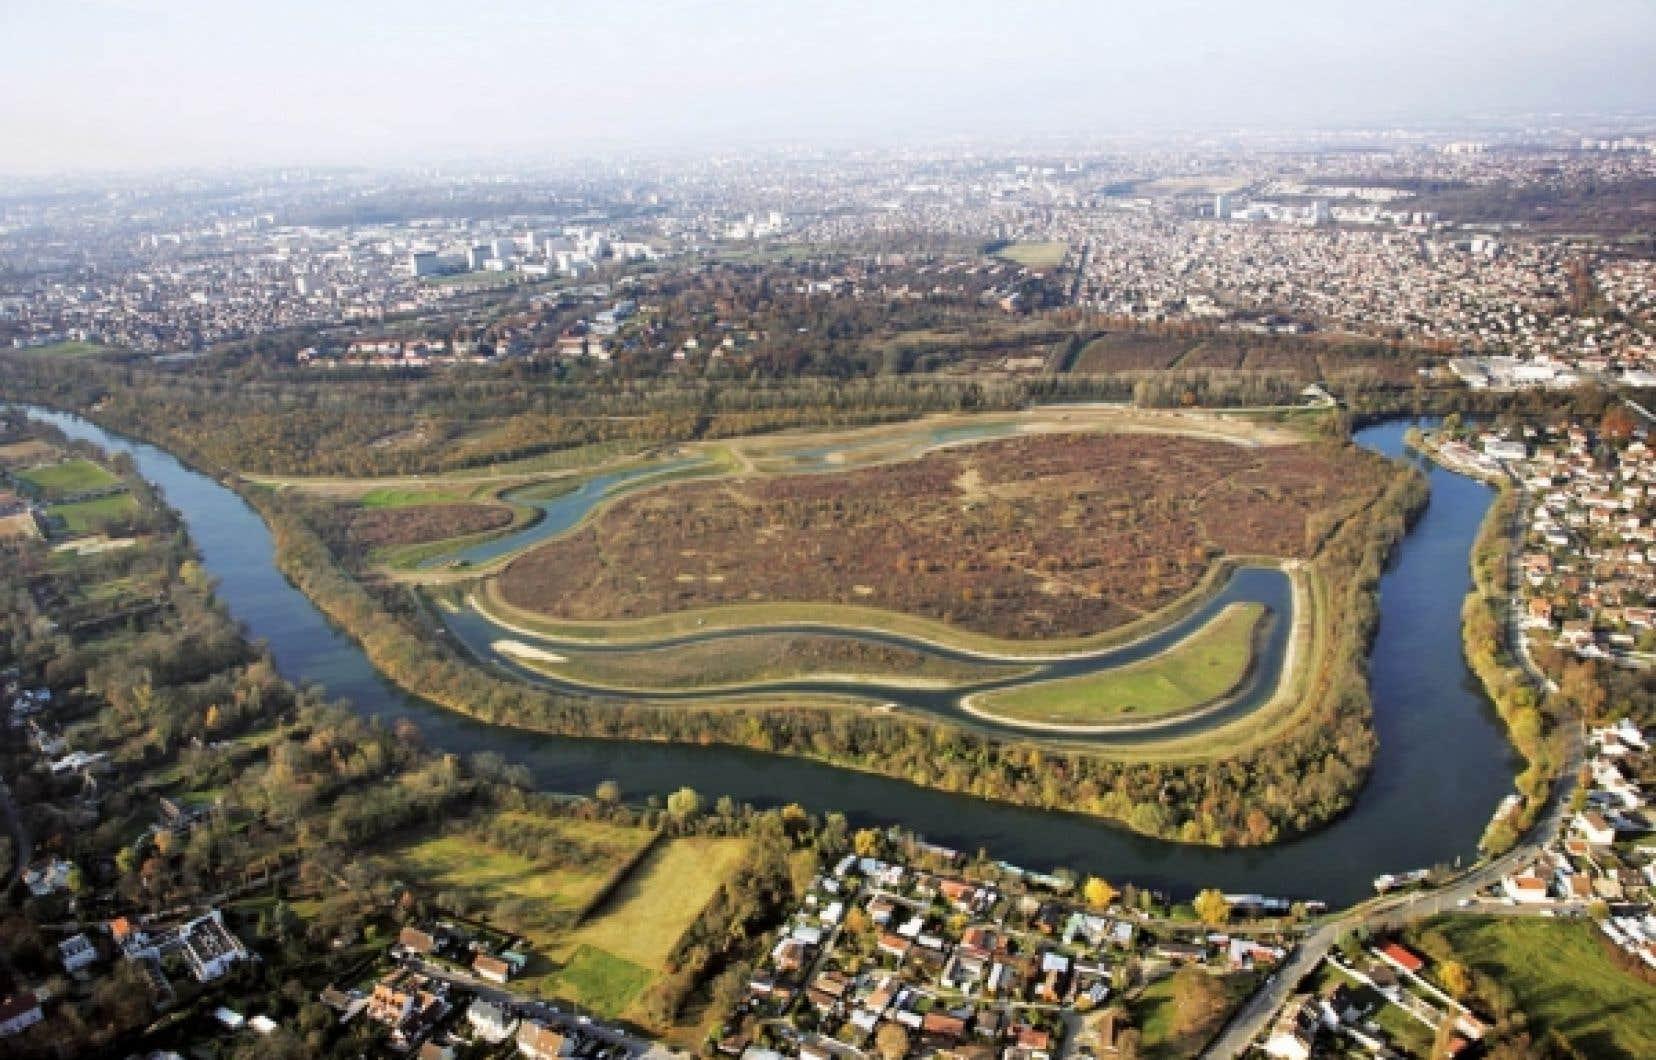 Vue aérienne récente du parc départemental de la Haute-Ile à Neuilly-sur-Marne, en Seine–Saint-Denis, dédié à la flore et la faune des milieux humides. Il est situé entre une boucle de la Marne et le canal de Chelles, et n'était plus cultivé depuis 20 ans.<br />